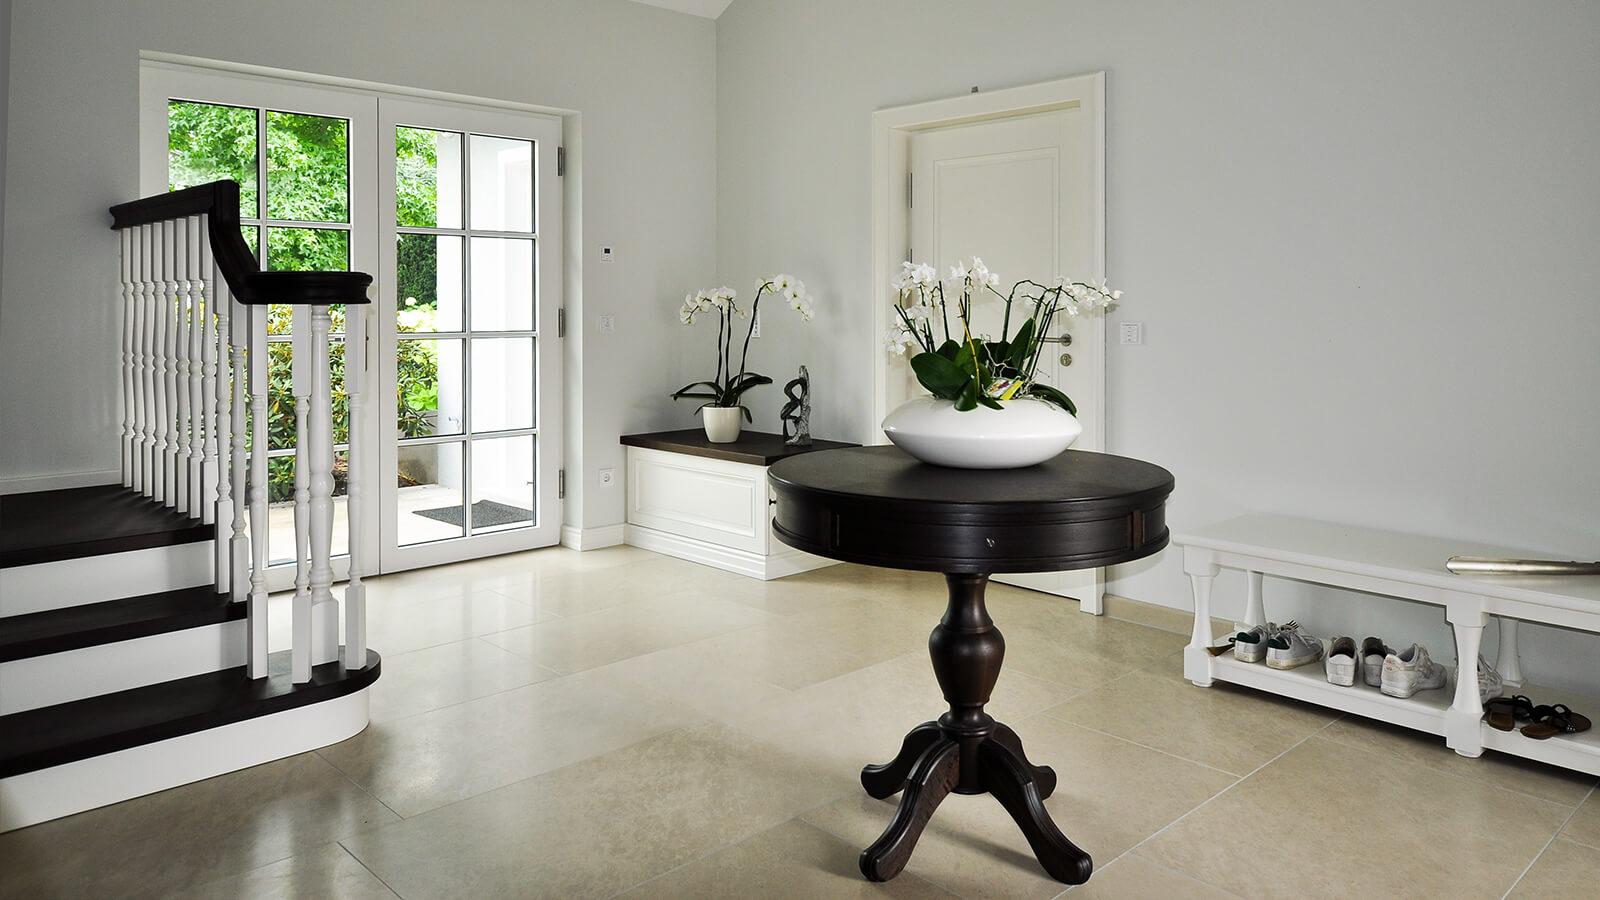 holzwerkstatt rhein schreinerei w rzburg region leistungen. Black Bedroom Furniture Sets. Home Design Ideas